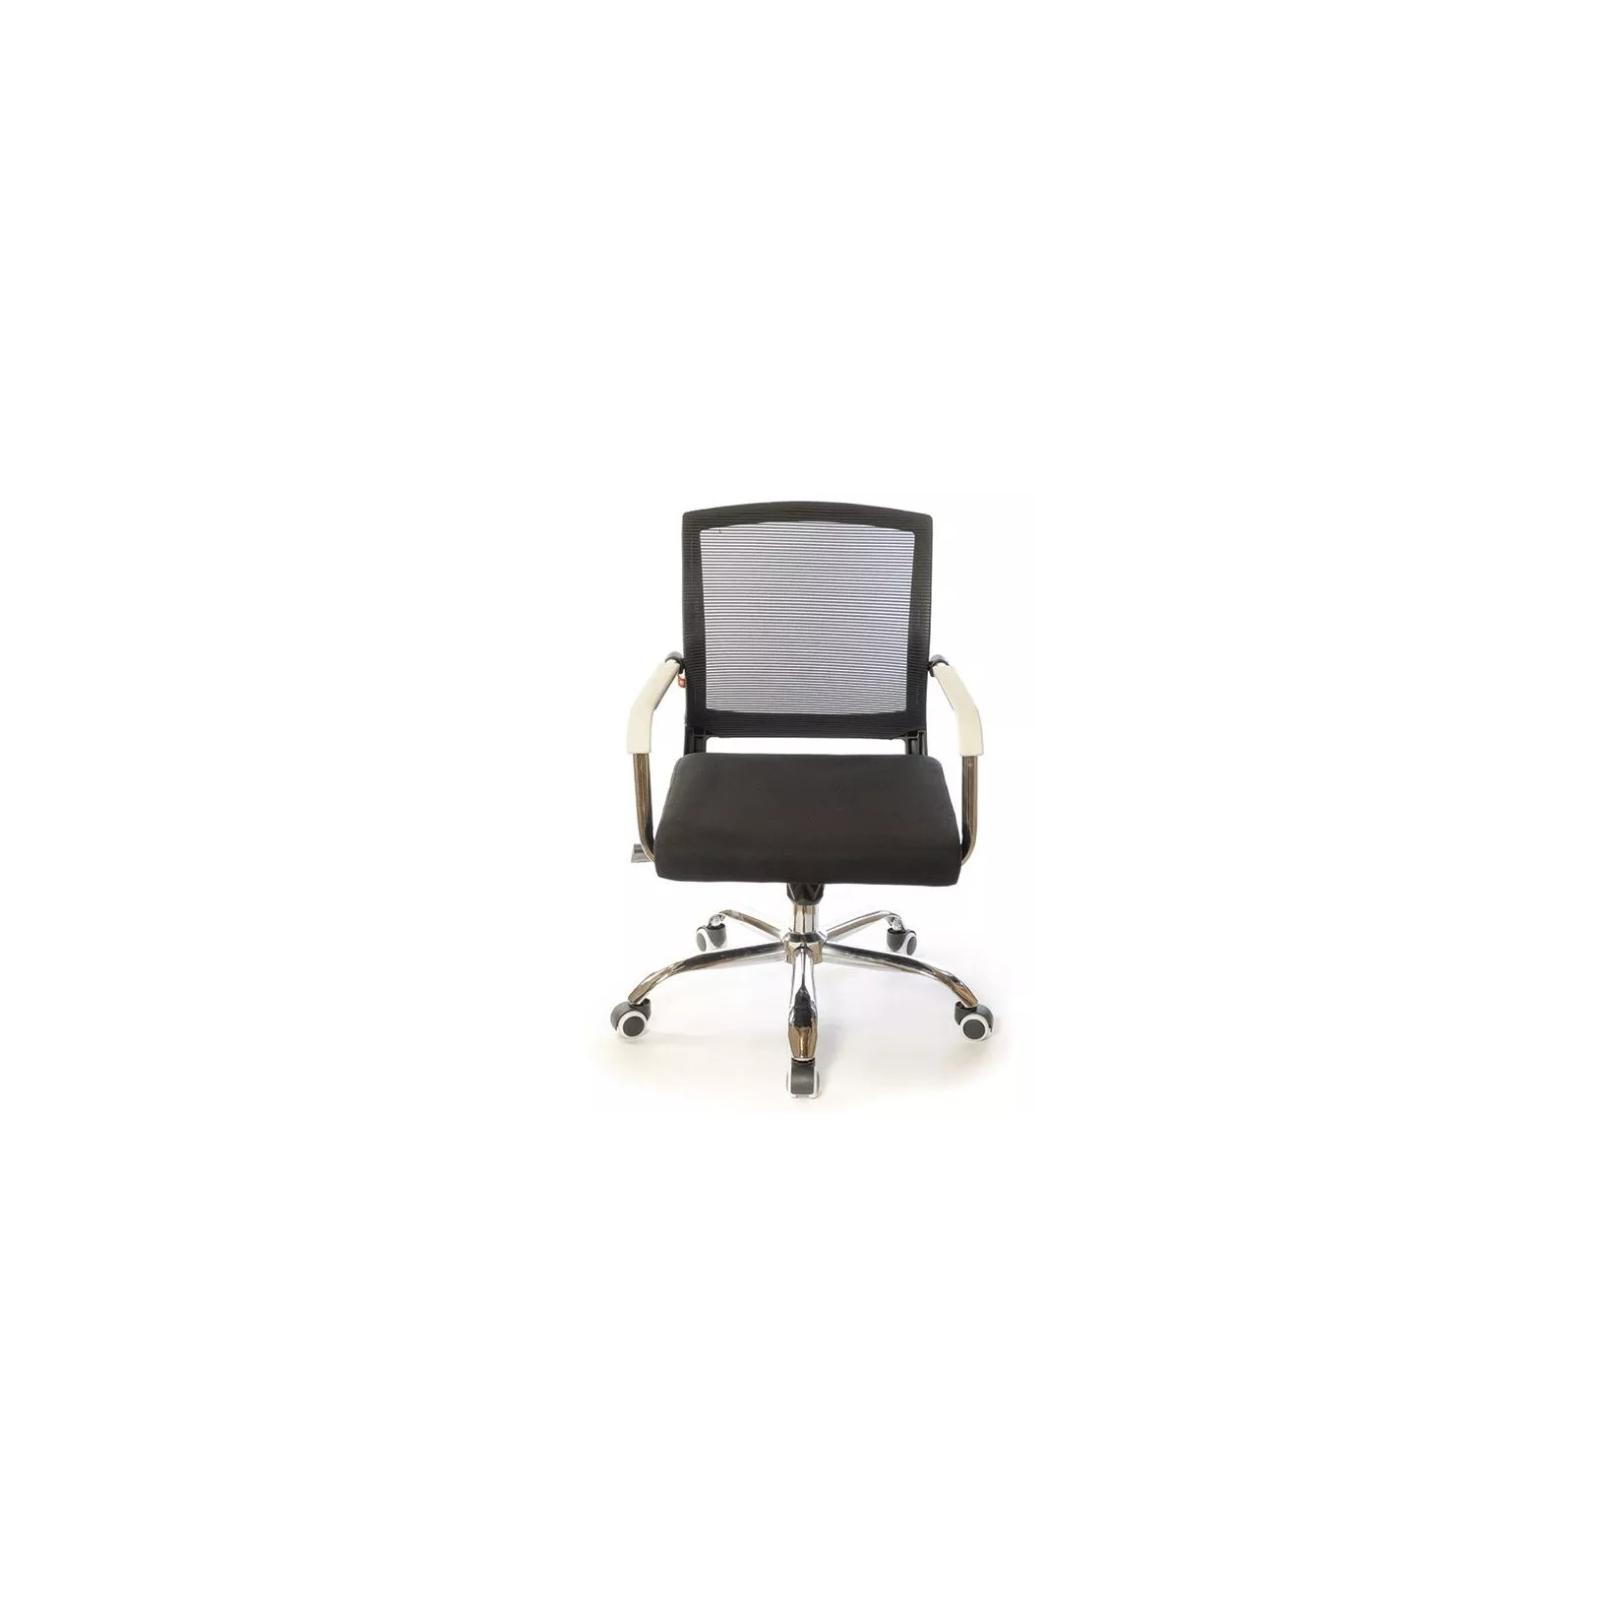 Офисное кресло Аклас Стром W CH TILT Черное (12759) изображение 2